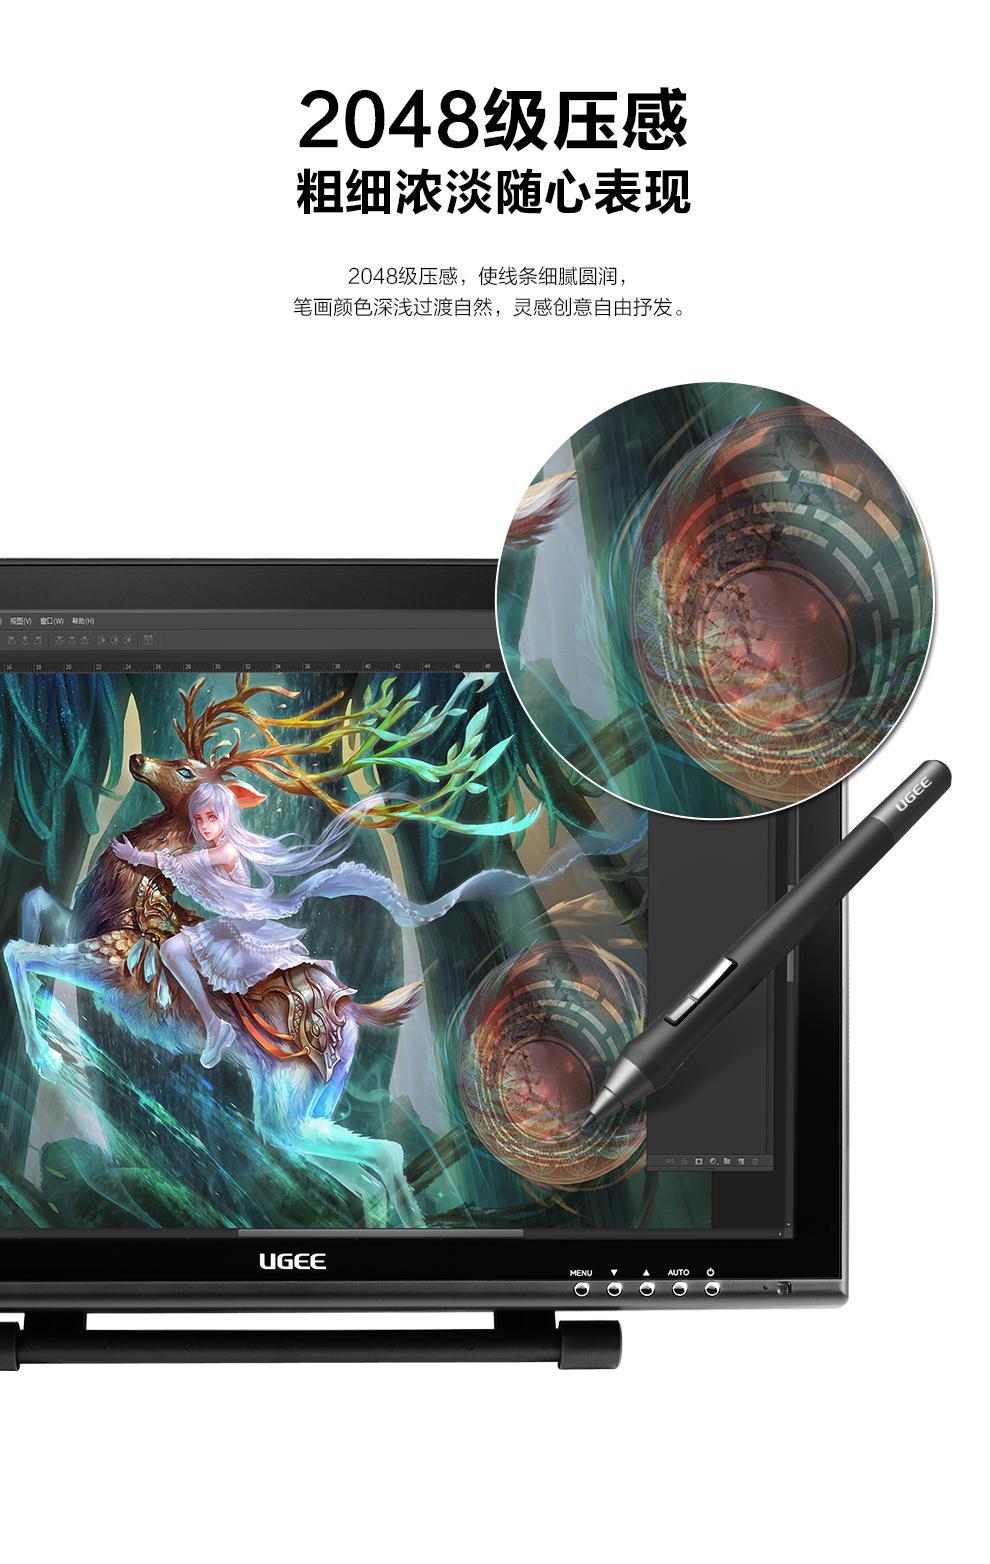 ugee友基19英寸手绘屏数位屏数位板手写屏液晶屏显示器绘画屏电脑绘图